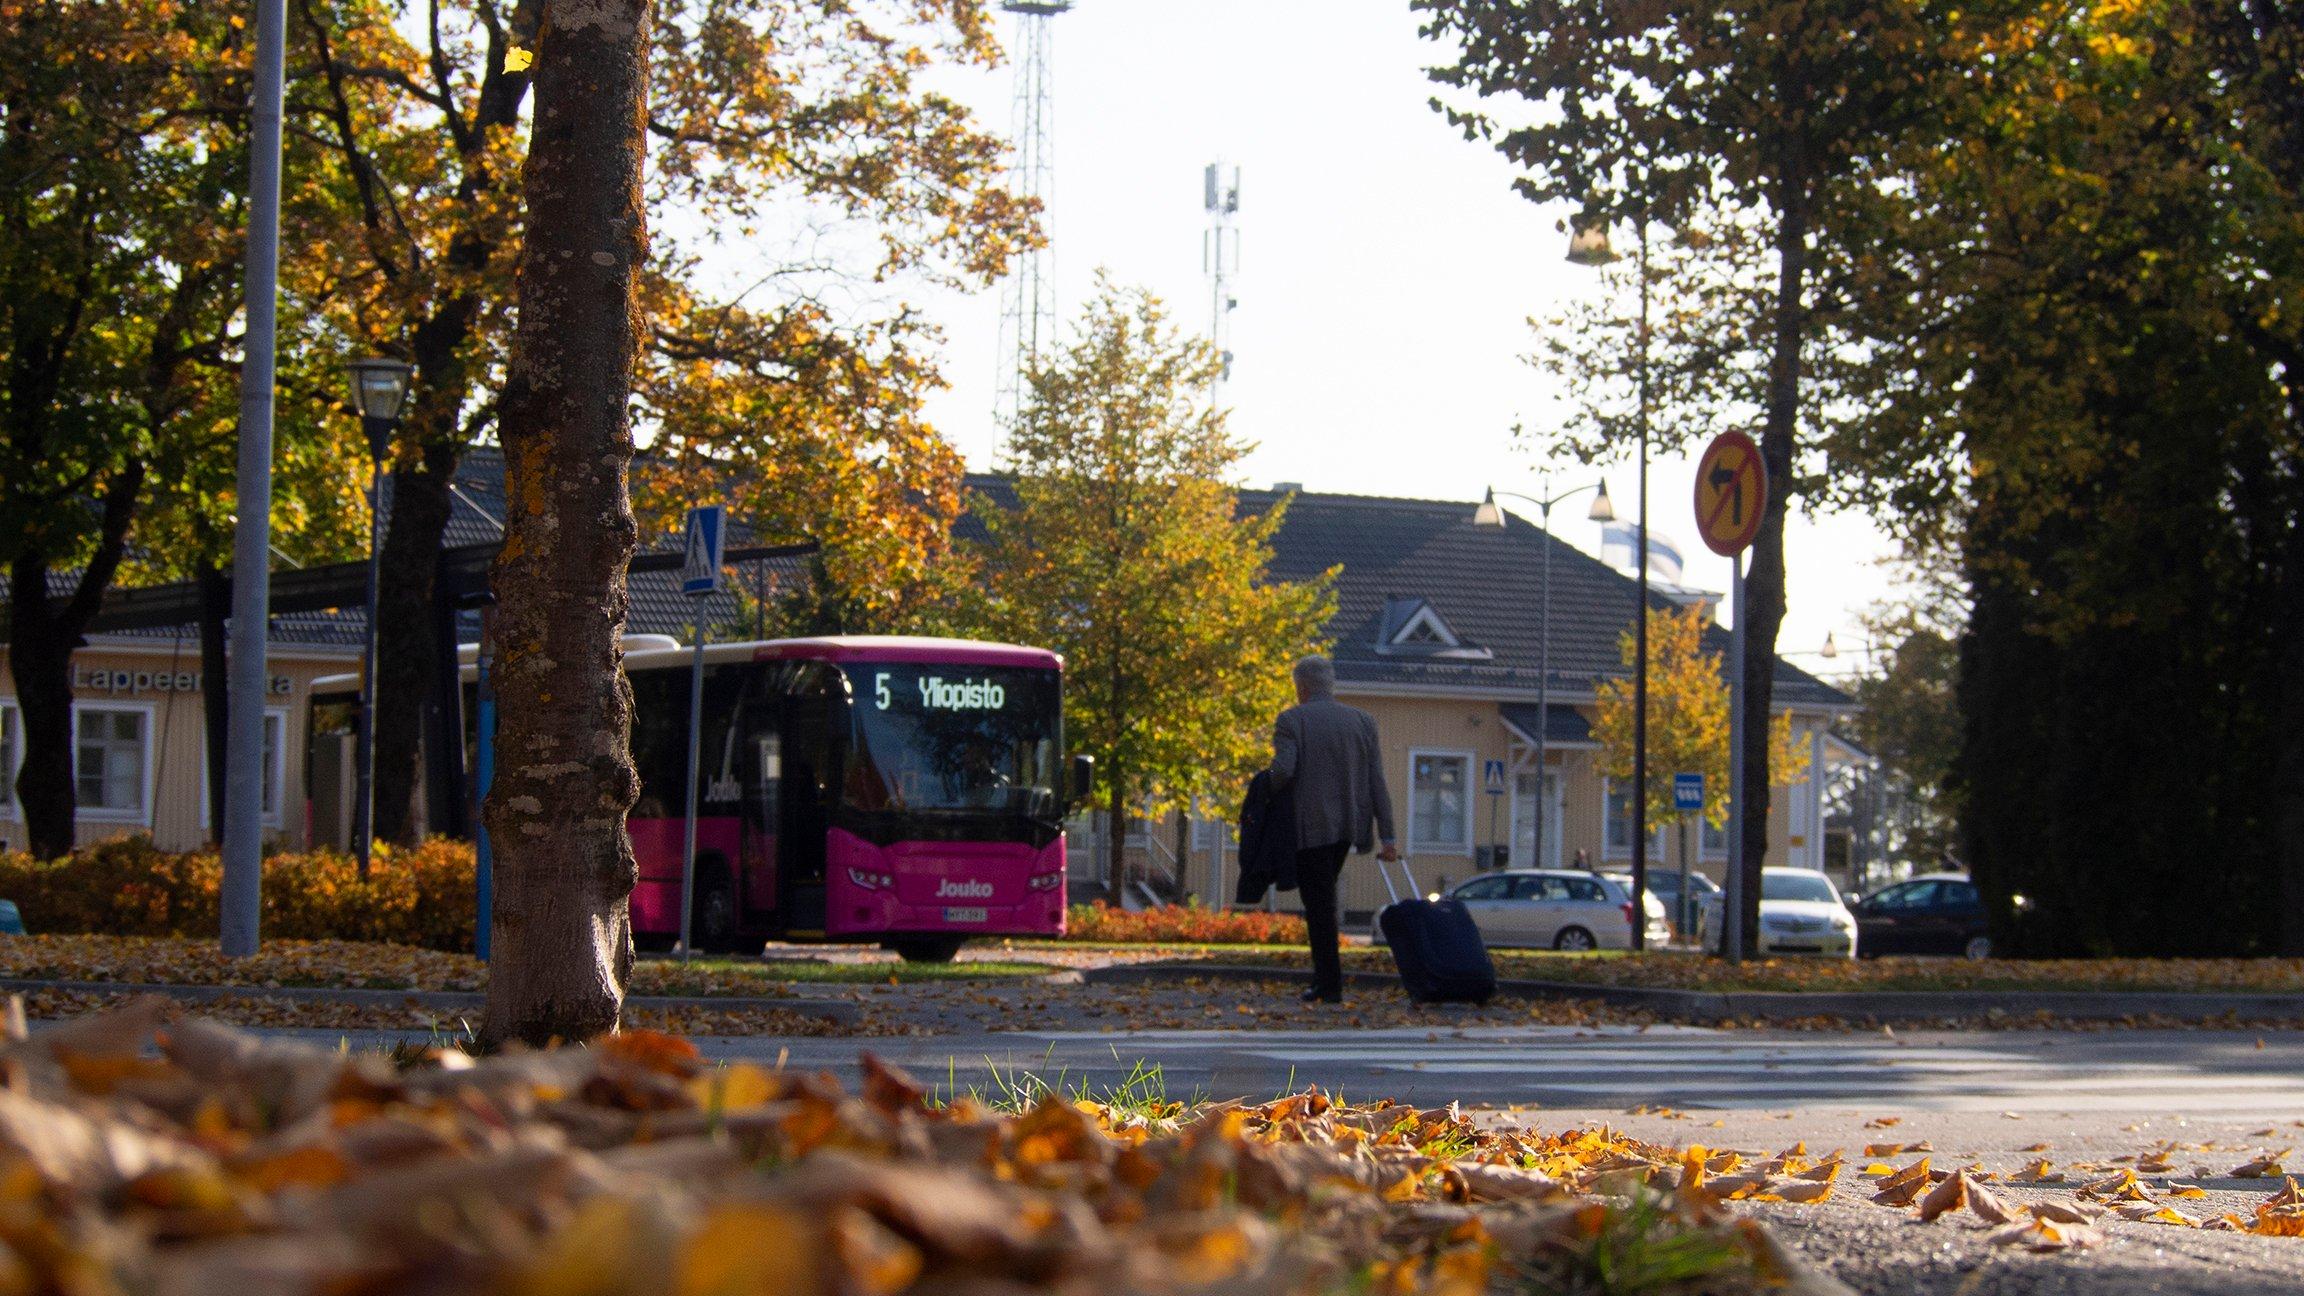 Syksyinen maisema Lappeenrannan matkakeskukselta. Etualalla on yliopistolle menossa oleva linja-auto sekä mies matkalaukun kanssa.